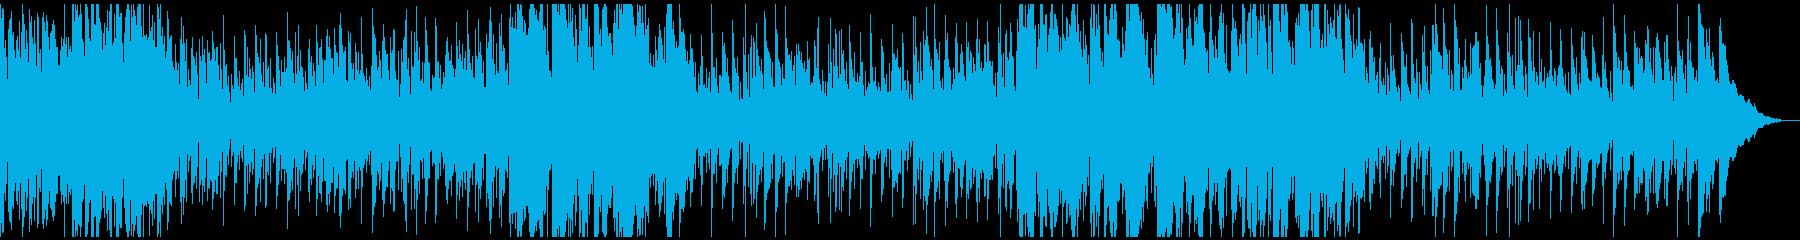 どんぐりころころ ボサノバアレンジ オケの再生済みの波形